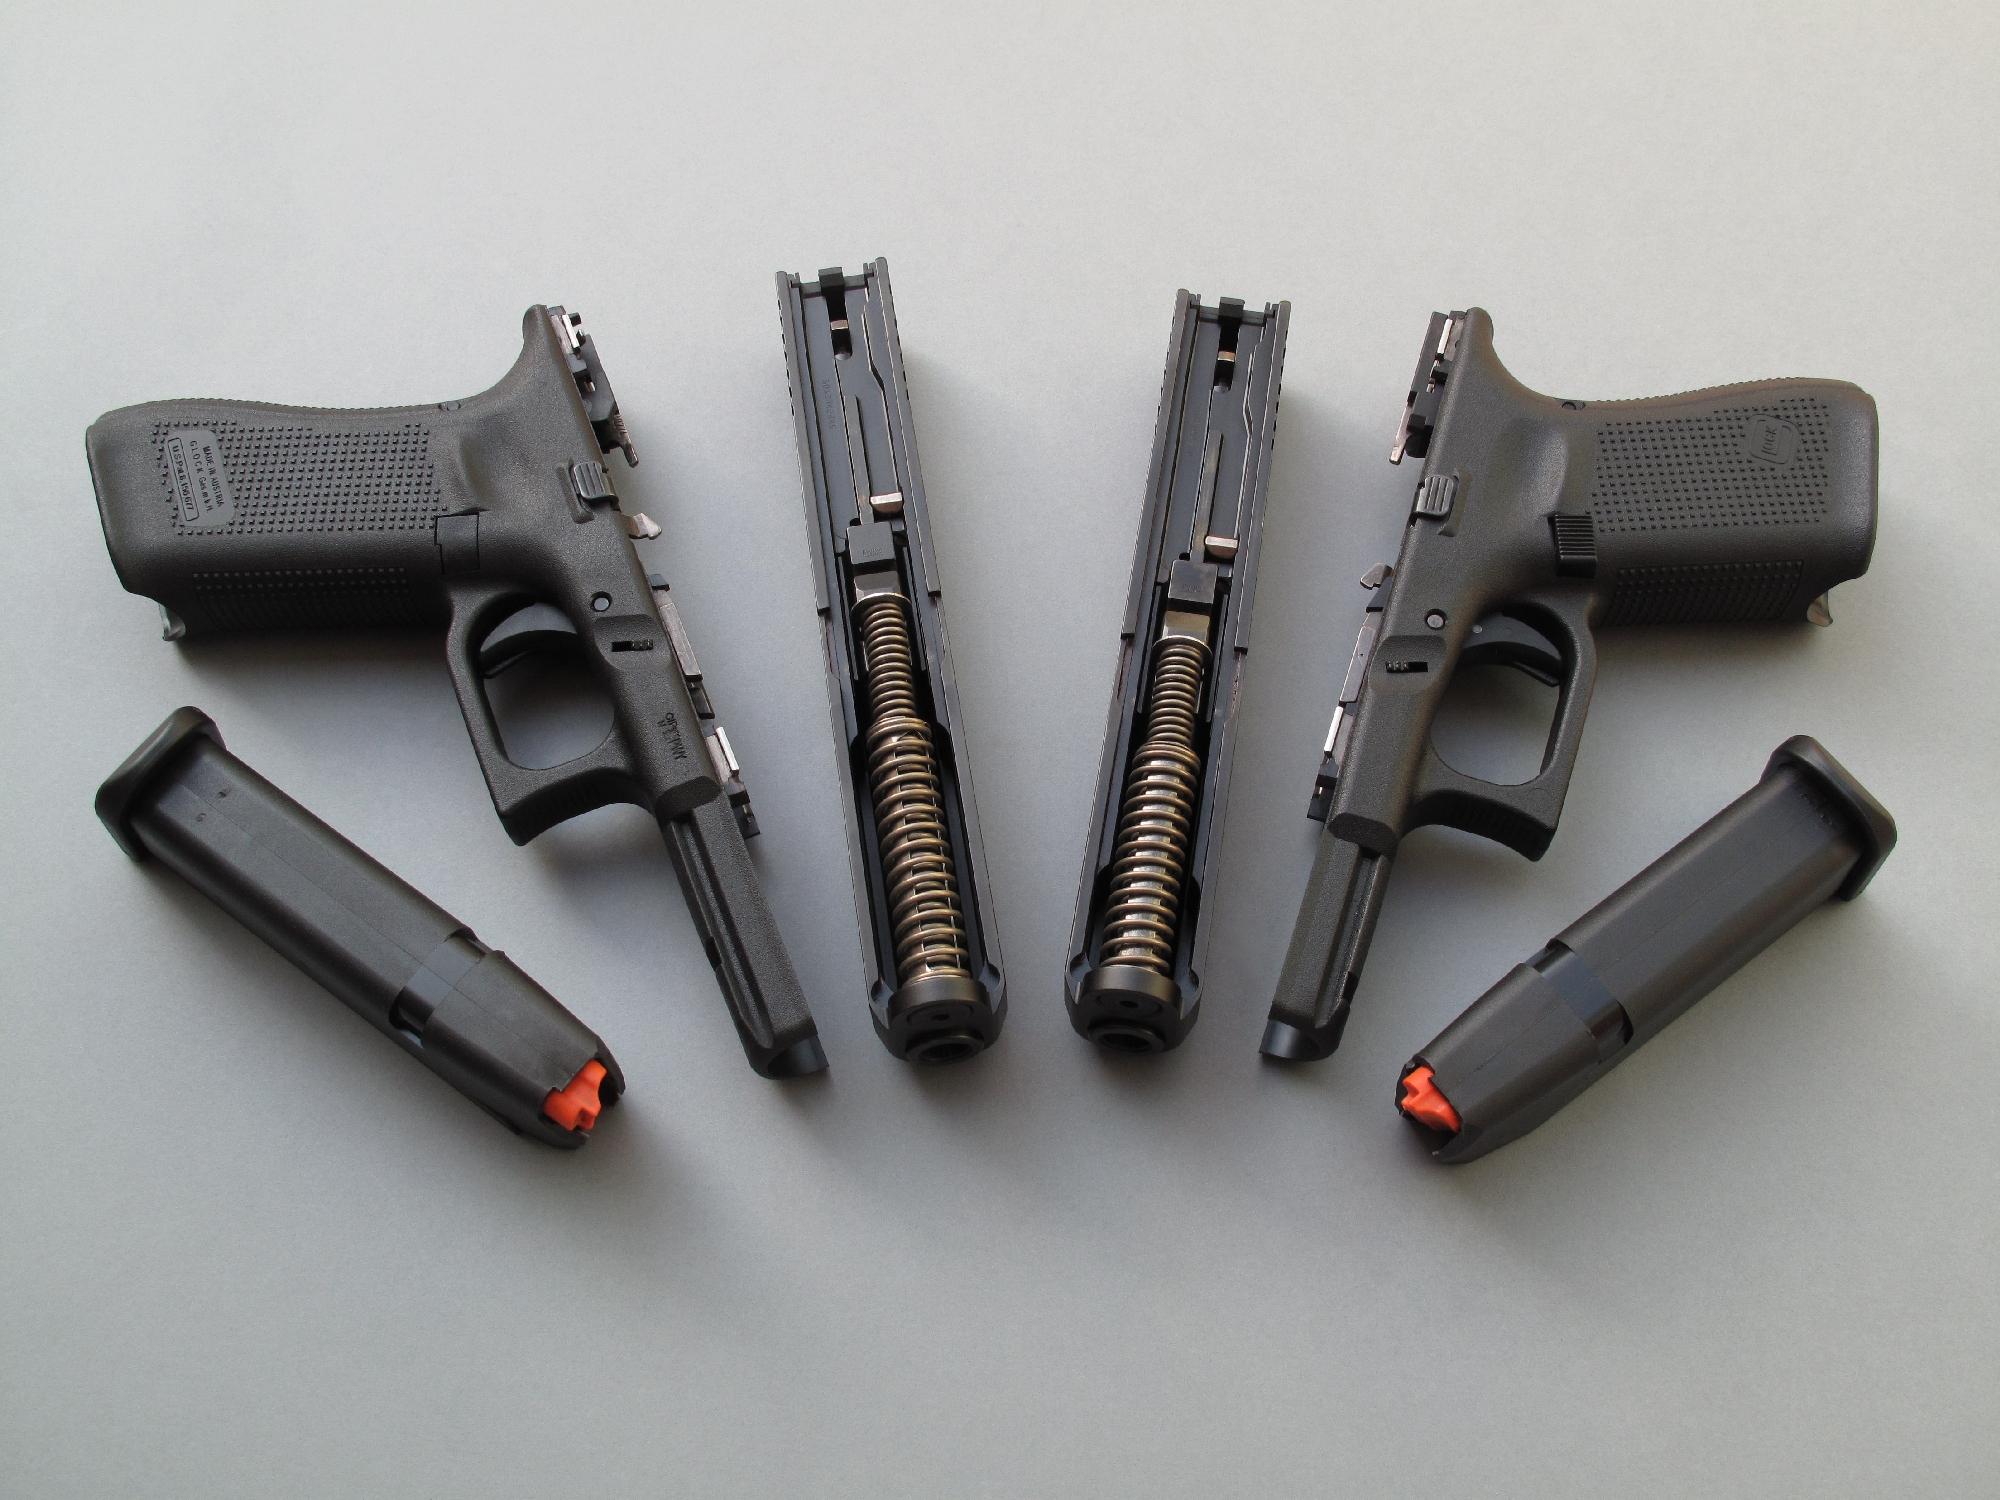 Son démontage instantané, obtenu sans la dépose d'une quelconque clef, constitue toujours l'un des points forts des pistolets Glock, tous modèles confondus.